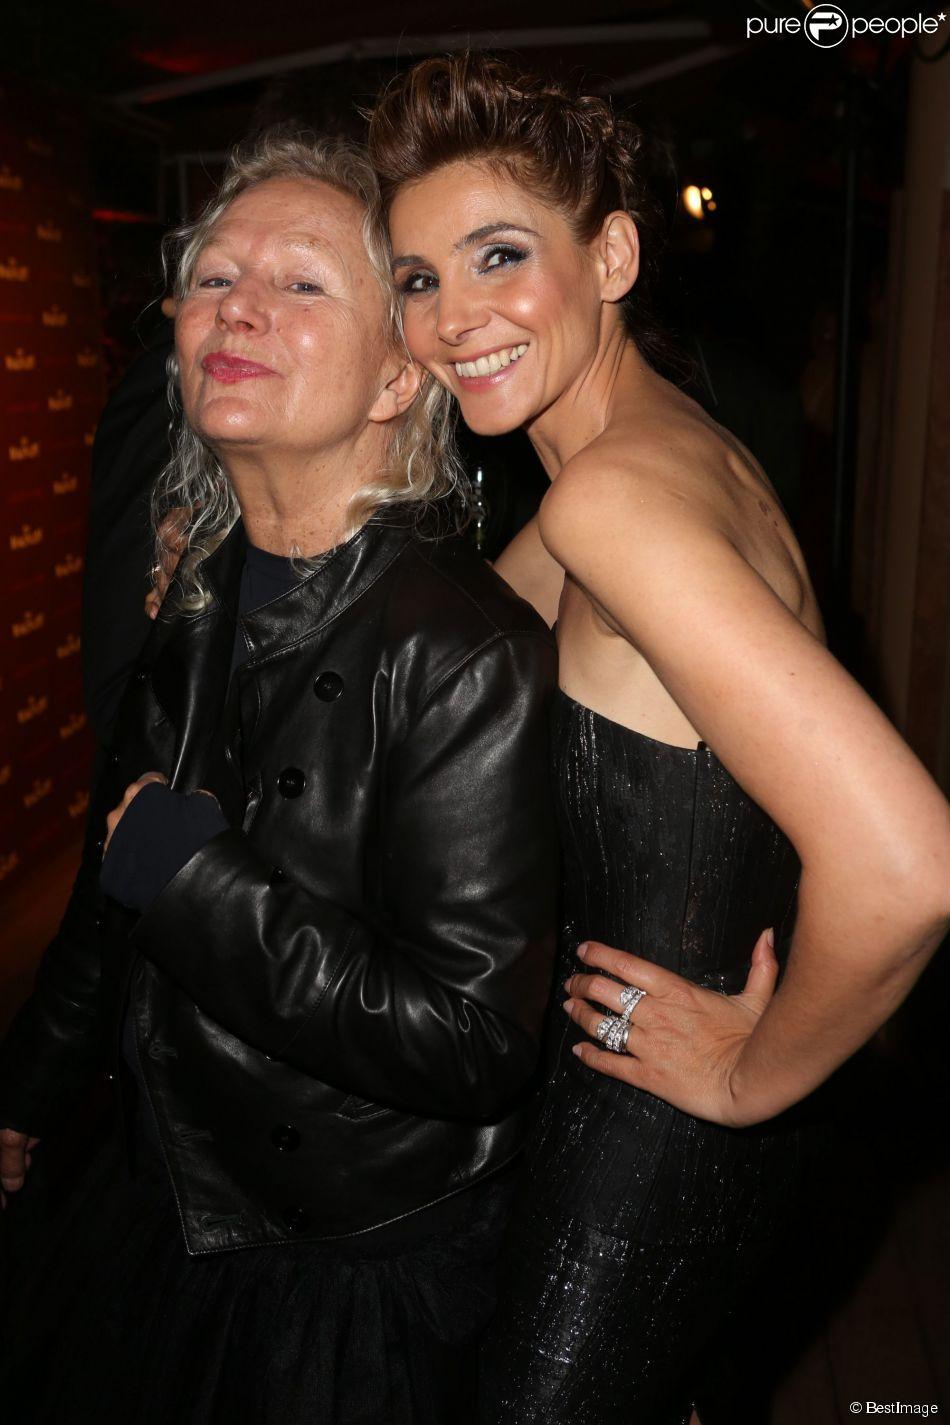 """Exclusif - Agnès B, Clotilde Courau lors de la soirée pour les films """"Le Sel de la Terre"""" et """"Queen and Country"""" sur la plage Magnum à Cannes, le 20 mai 2014."""